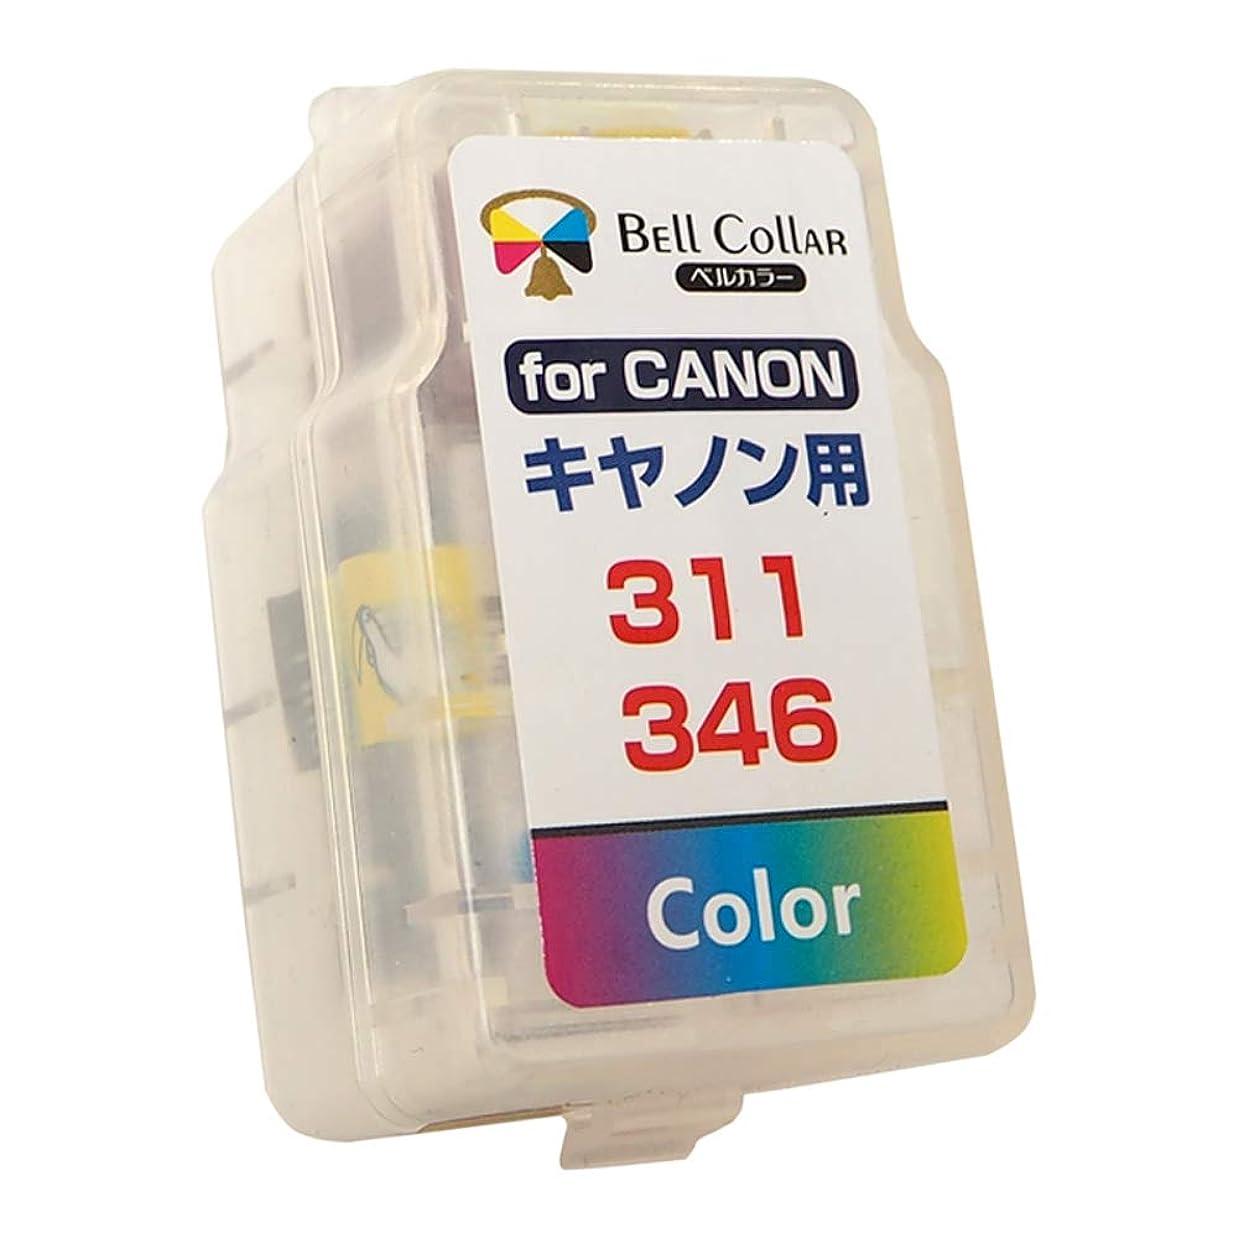 順番選ぶ財団3年保証 キャノン (CANON) BC-311 / BC-346 (カラー) iP2700 TS3130 対応 【新開発】 詰め替えインク ( スマートカートリッジ )純正比17%増量 ベルカラー